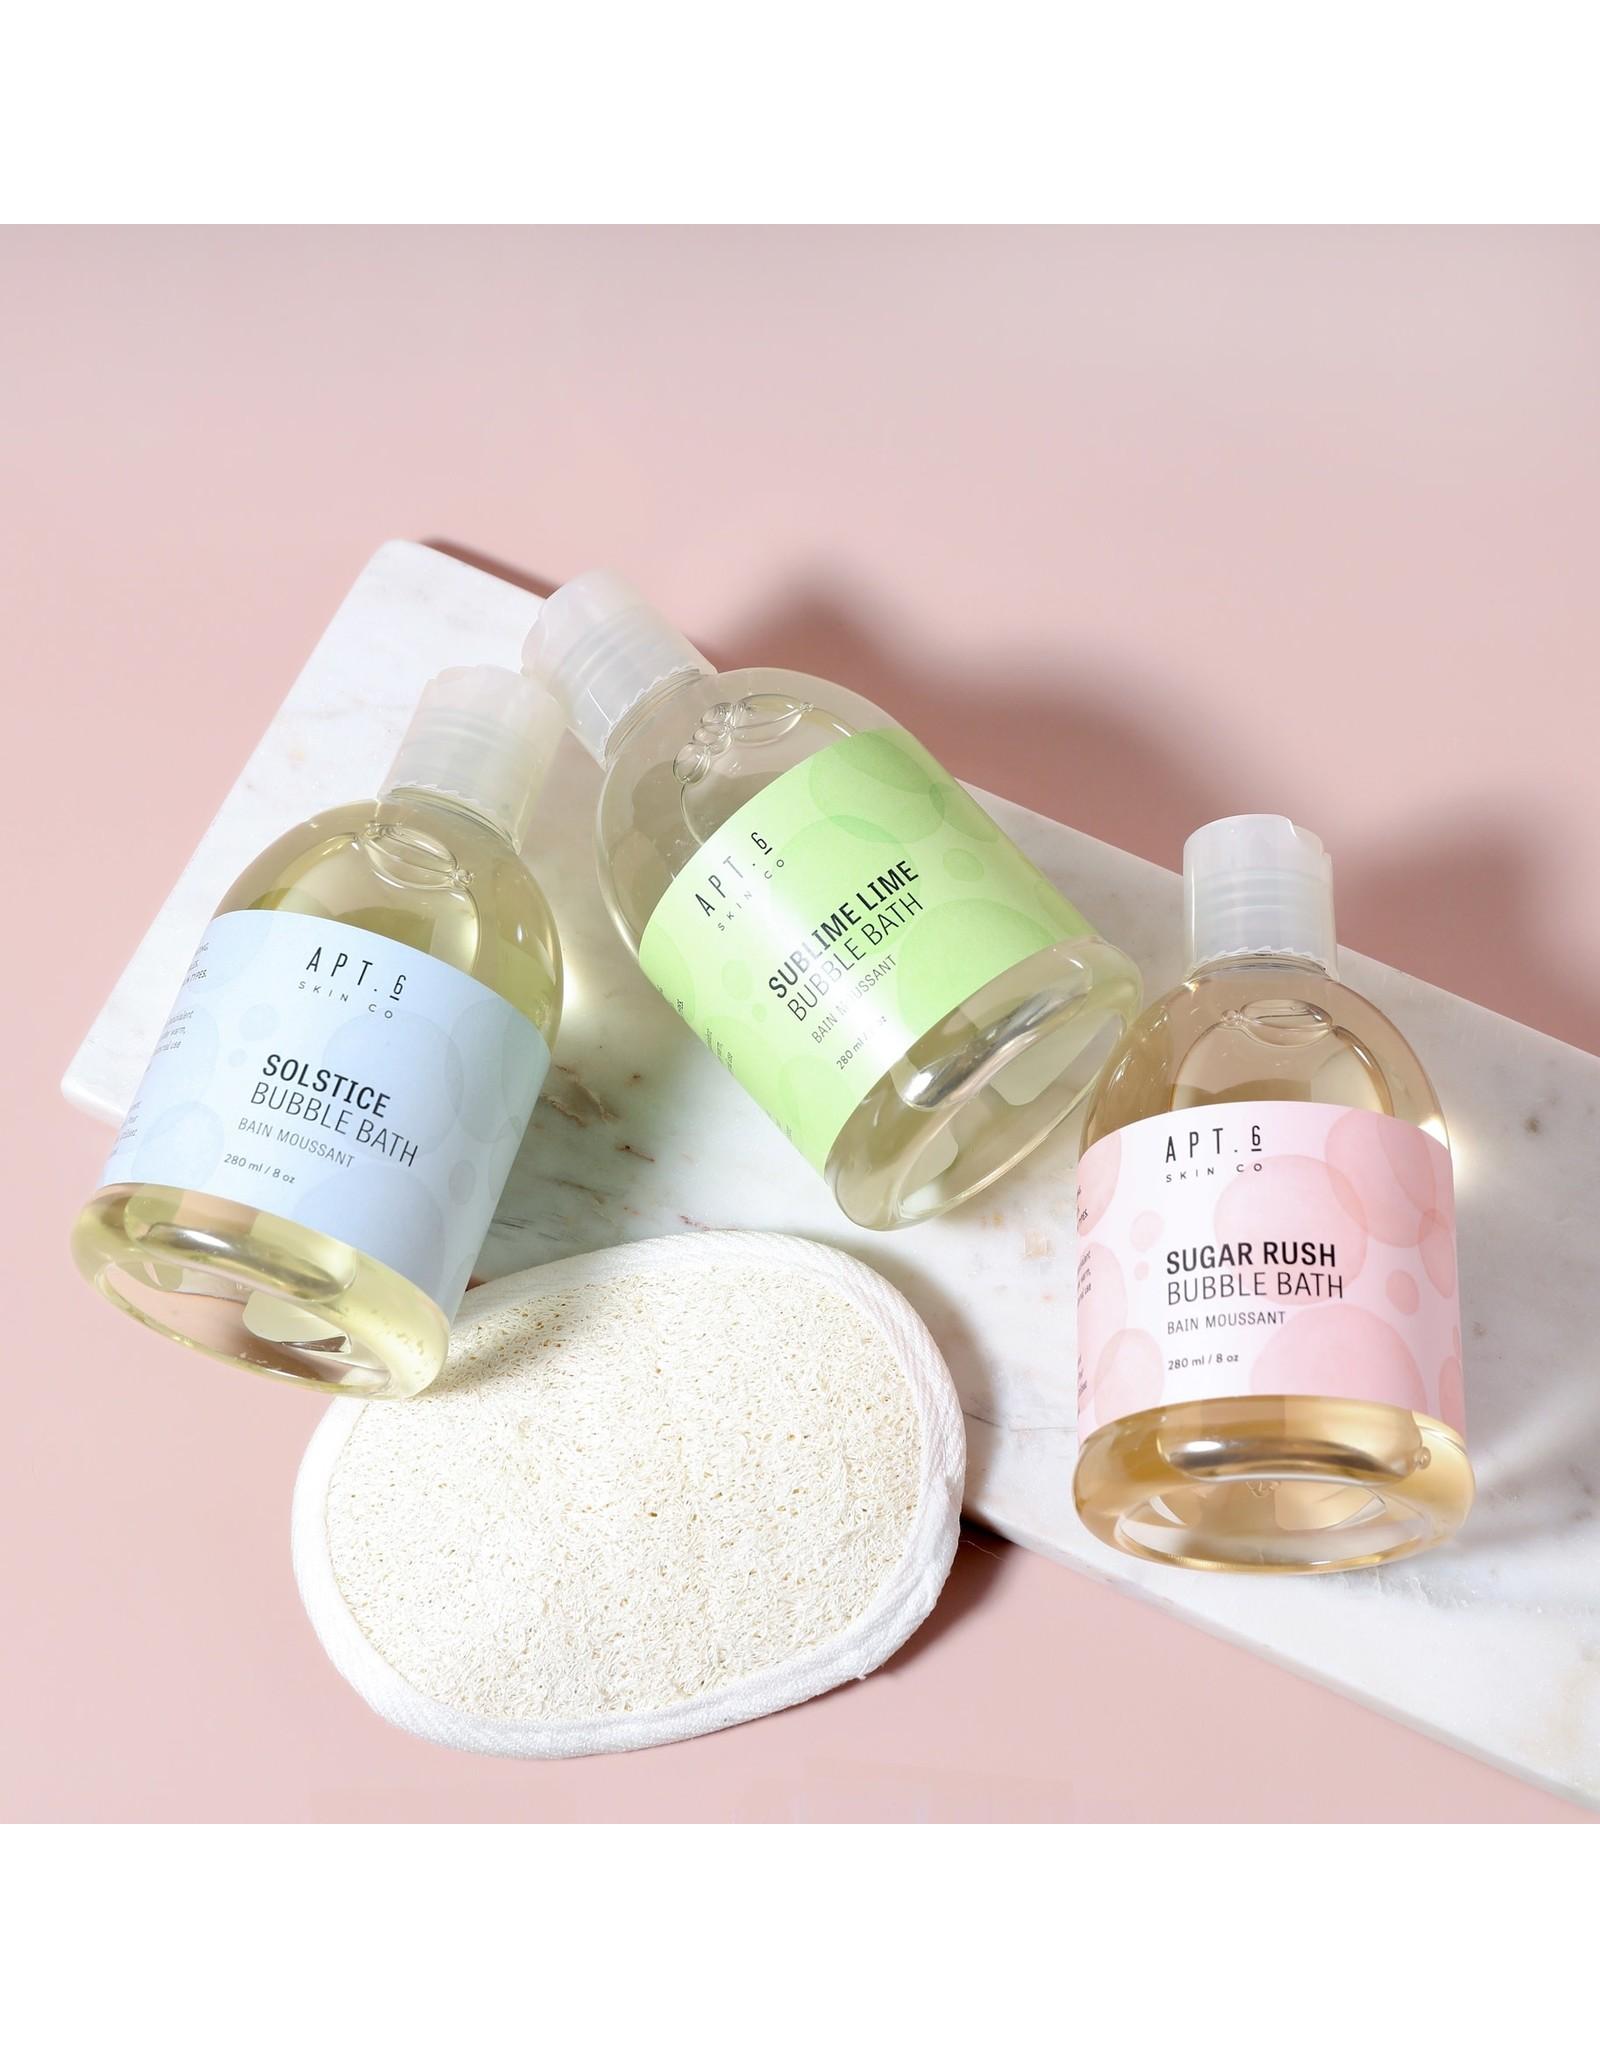 Apt. 6 Skin Co. Bubble Bath   Sublime Lime